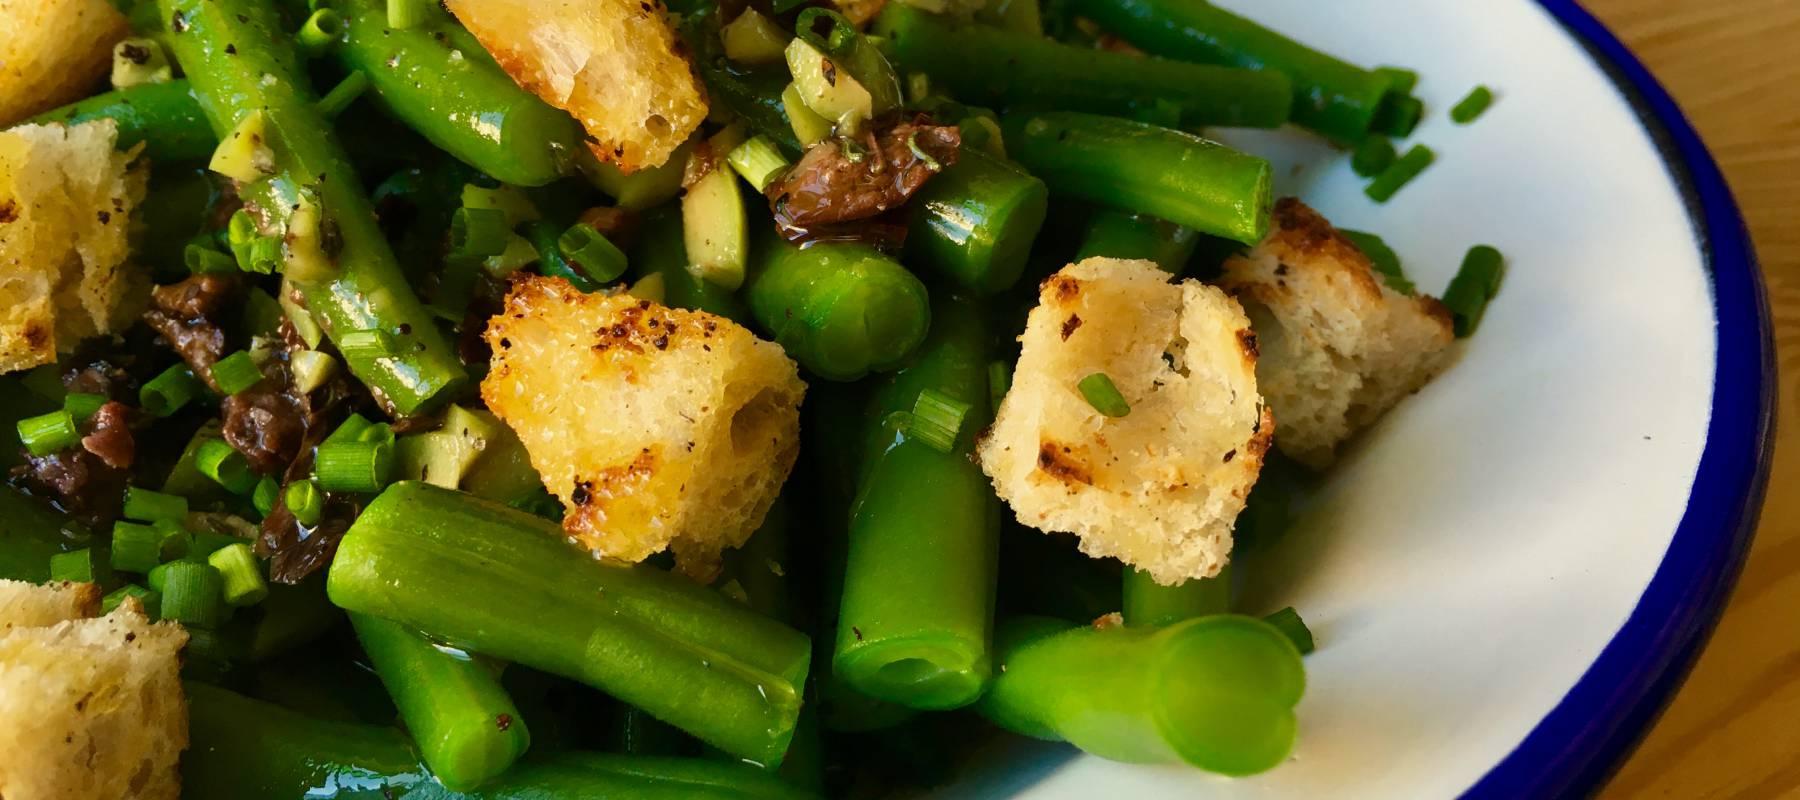 Cómo cocinar verduras en el microondas